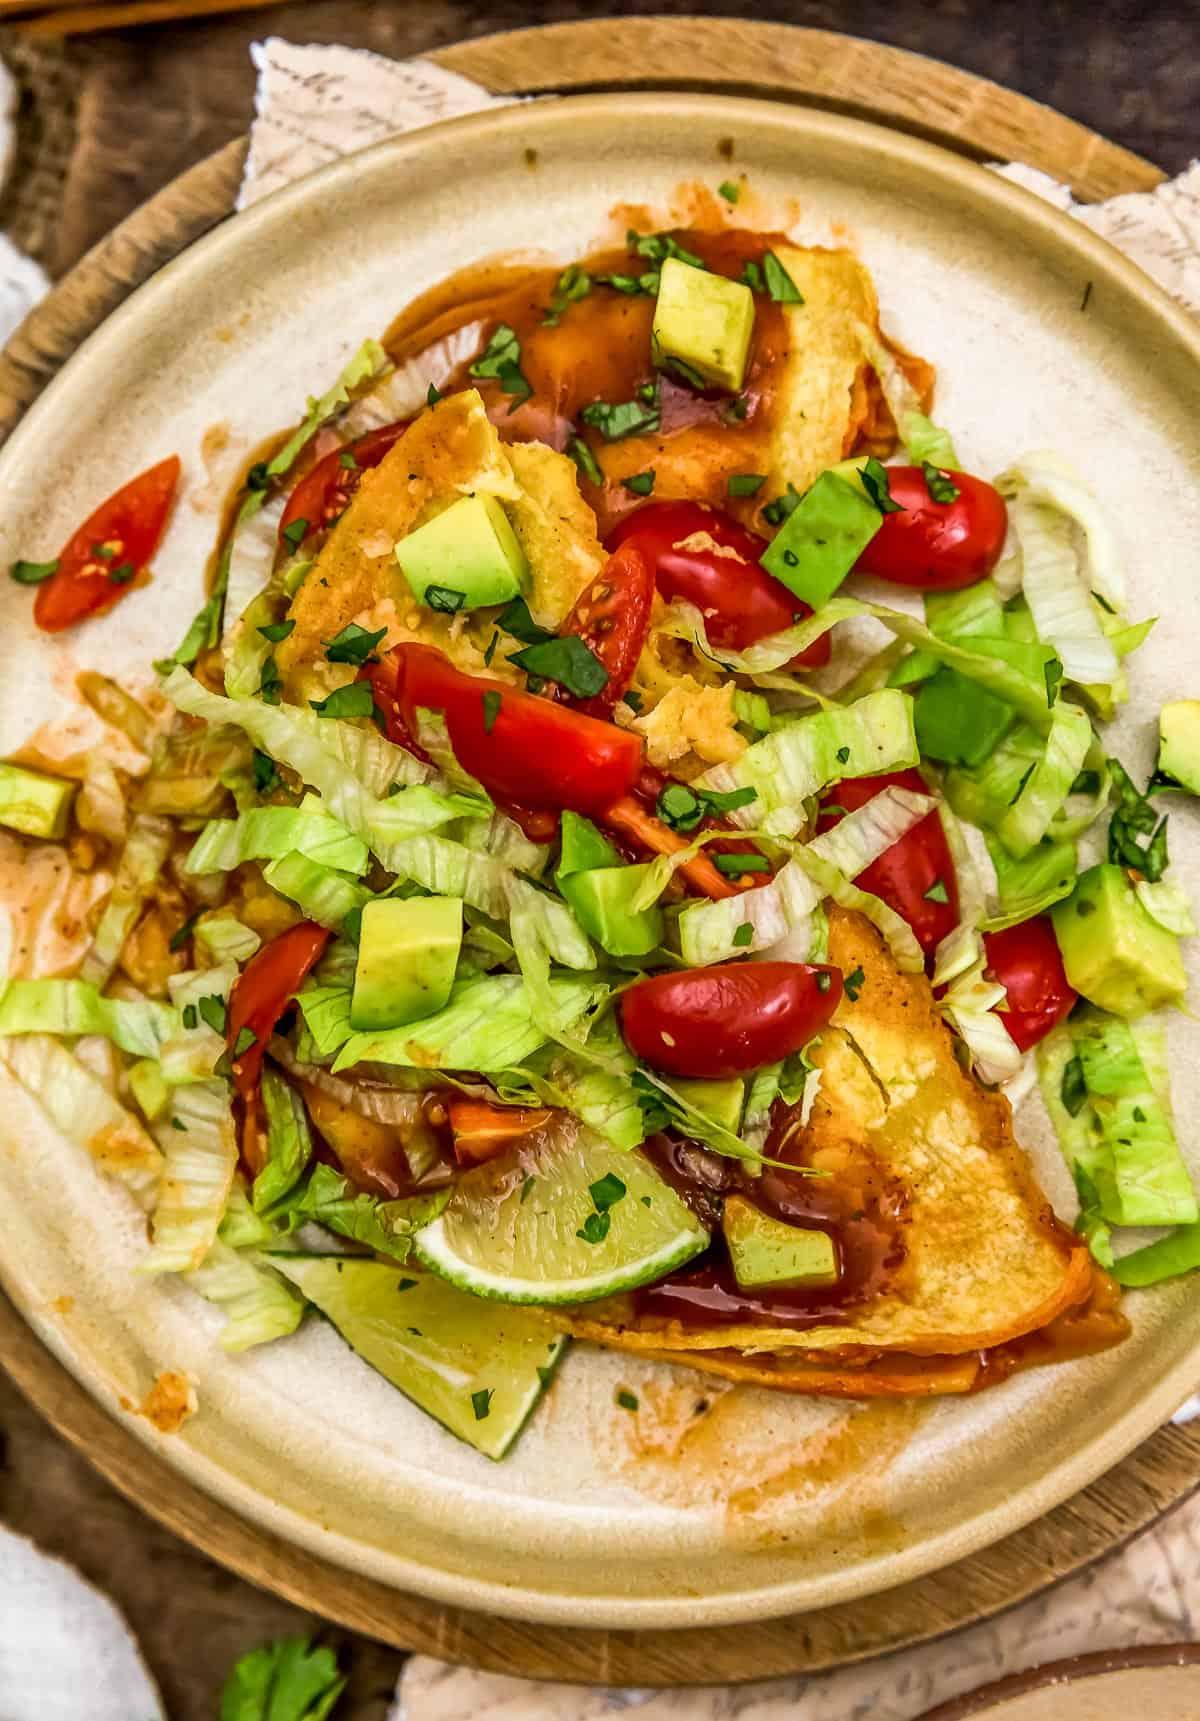 Plated Vegan Enchilada Quesadilla Bake